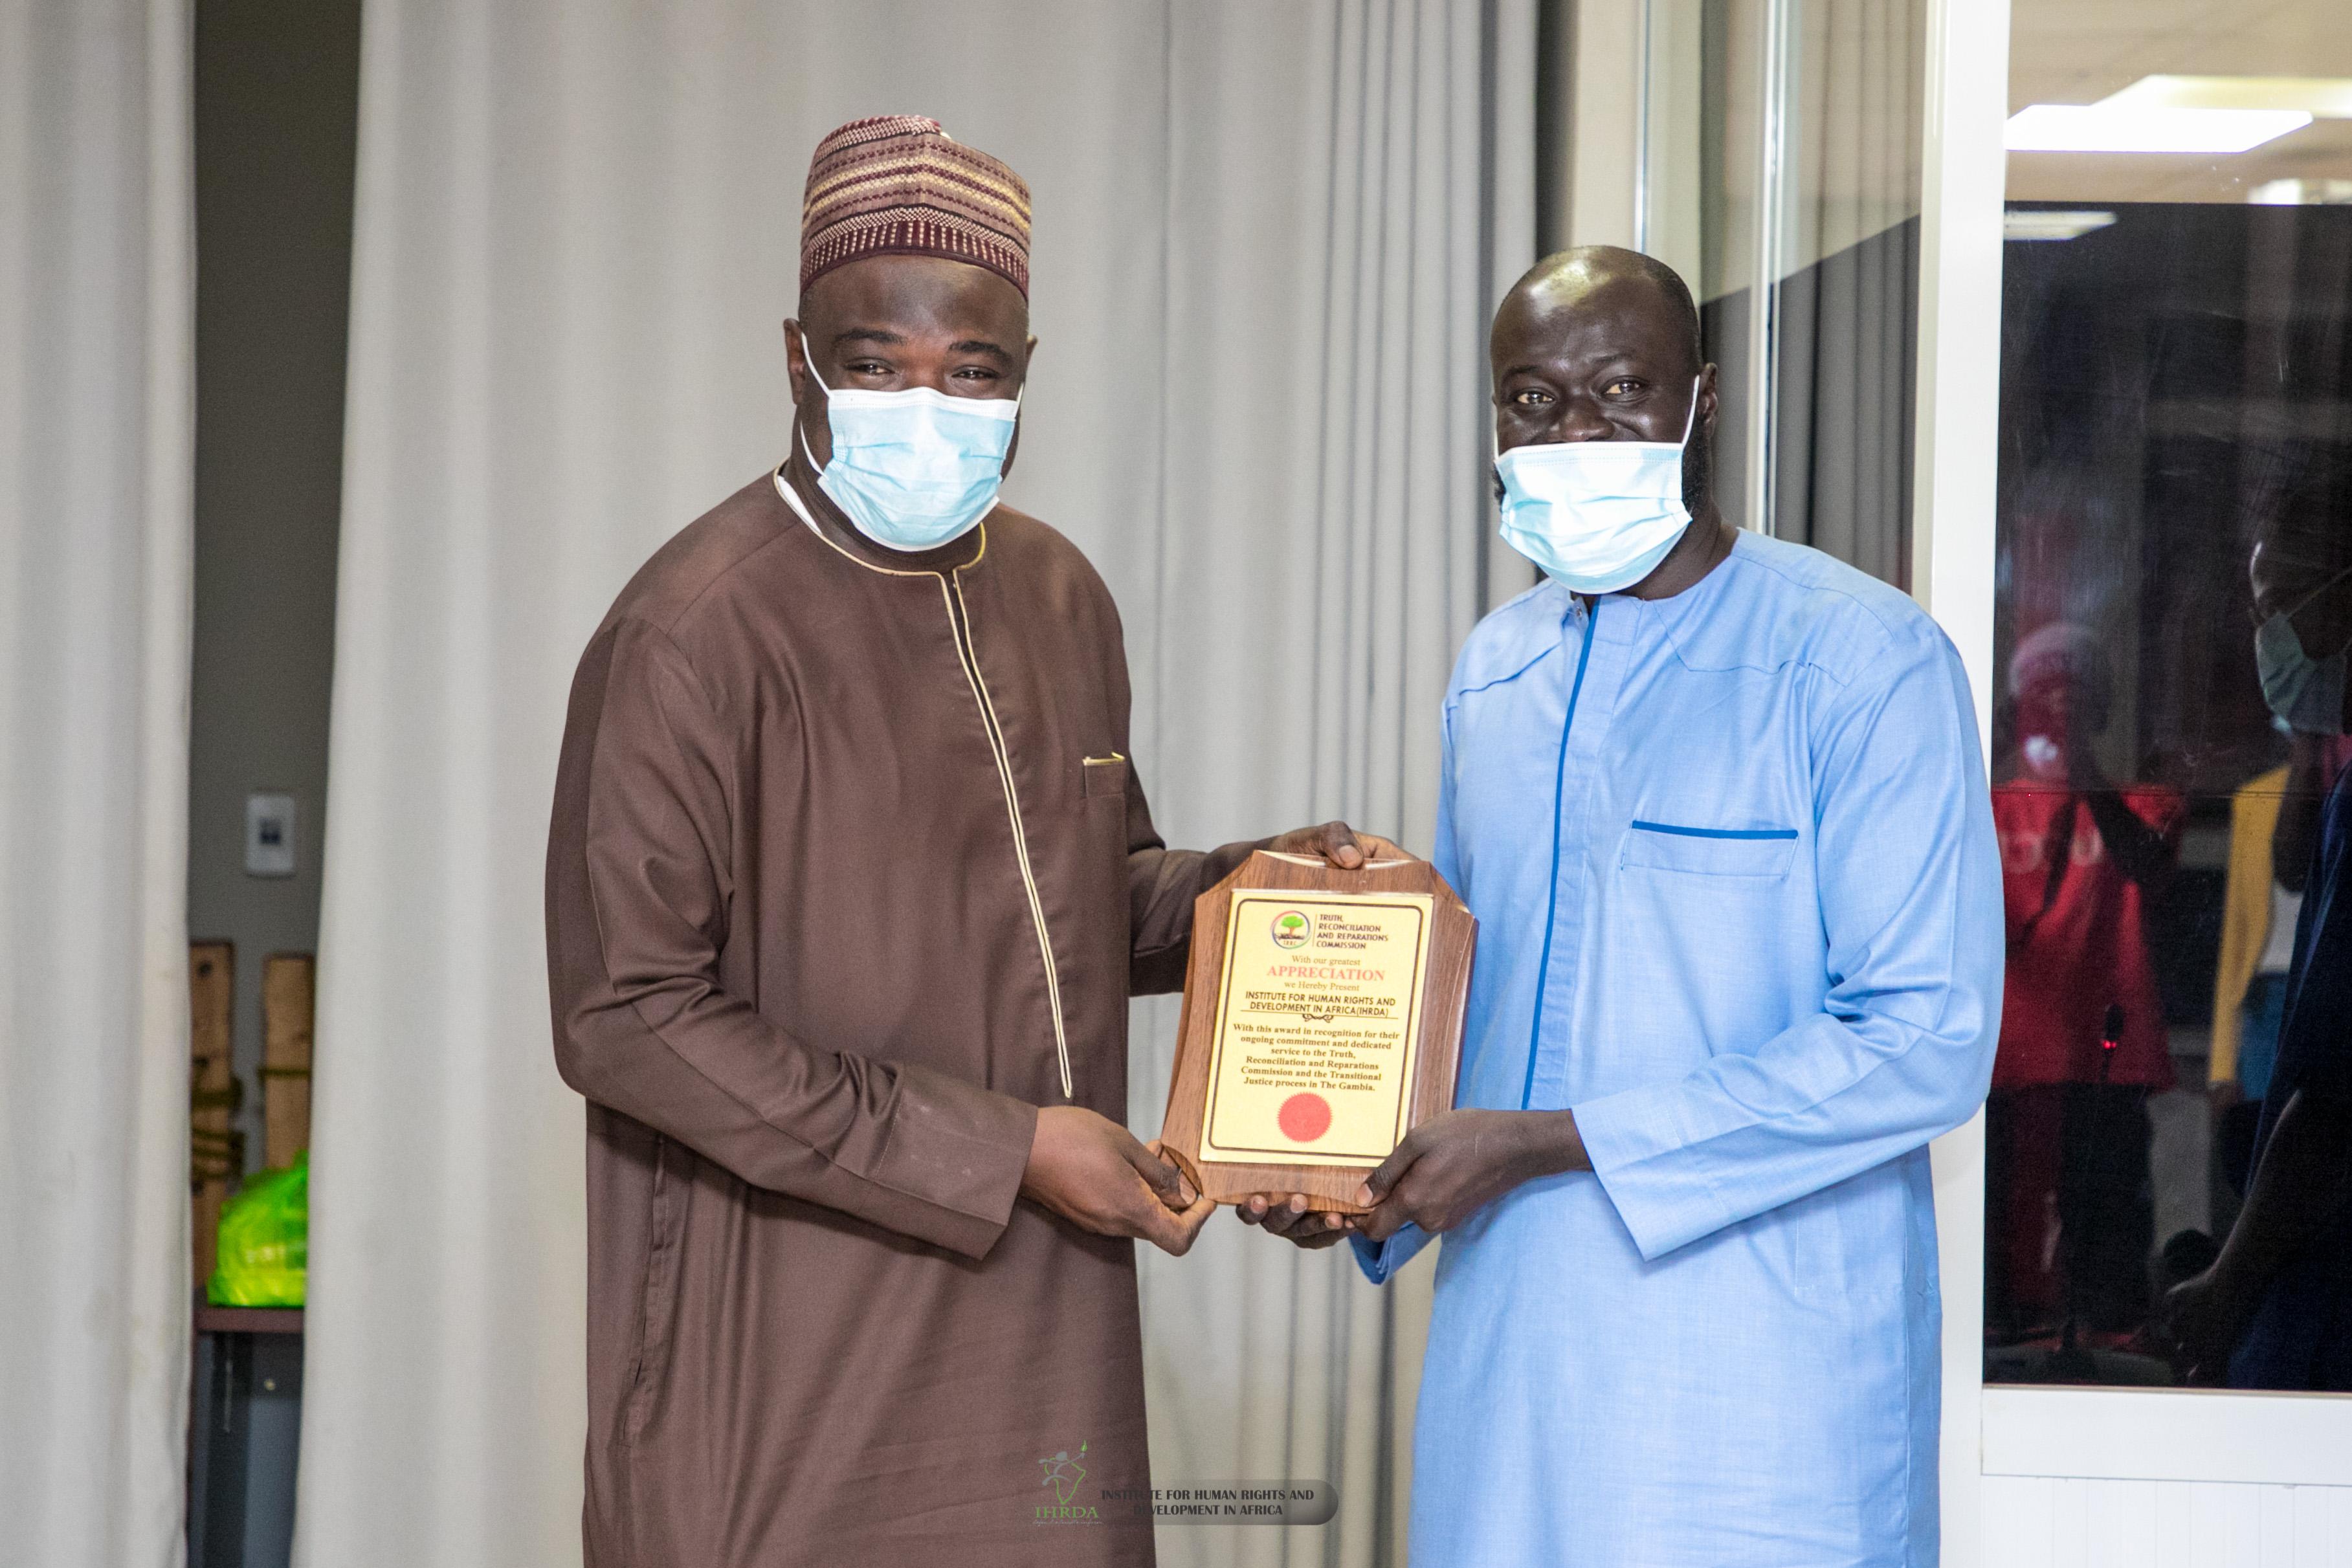 La Commission Vérité de la Gambie récompense IHRDA pour son soutien à sa mission